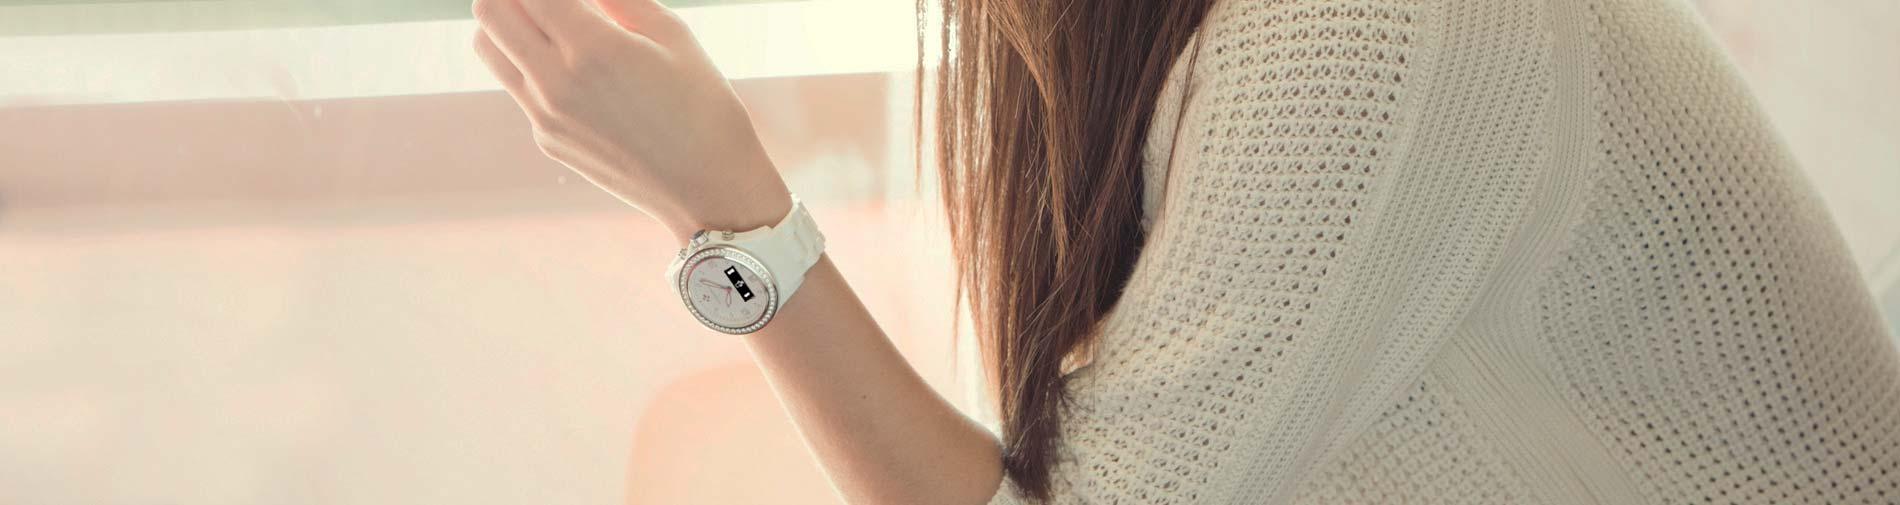 A propos de MyKronoz, créateur de montres connectées stylées, intuitives et fonctionnelles